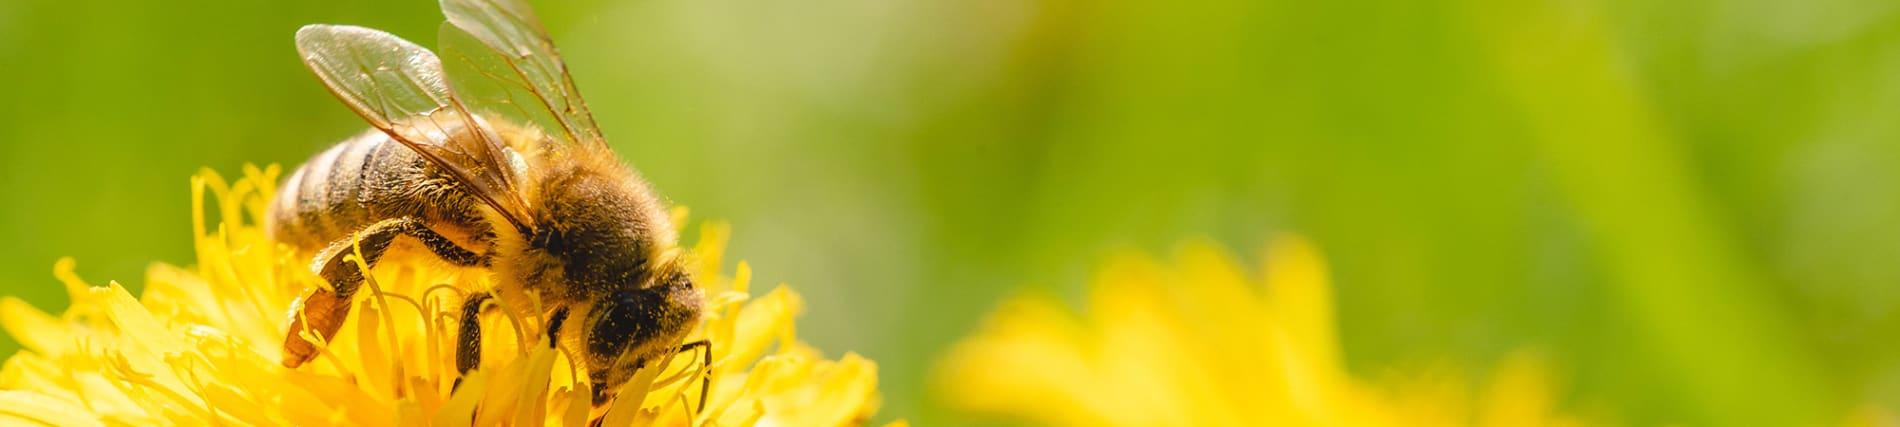 Stadtwerke Sindelfingen - Nachhaltigkeitsprojekt Bienenweiden